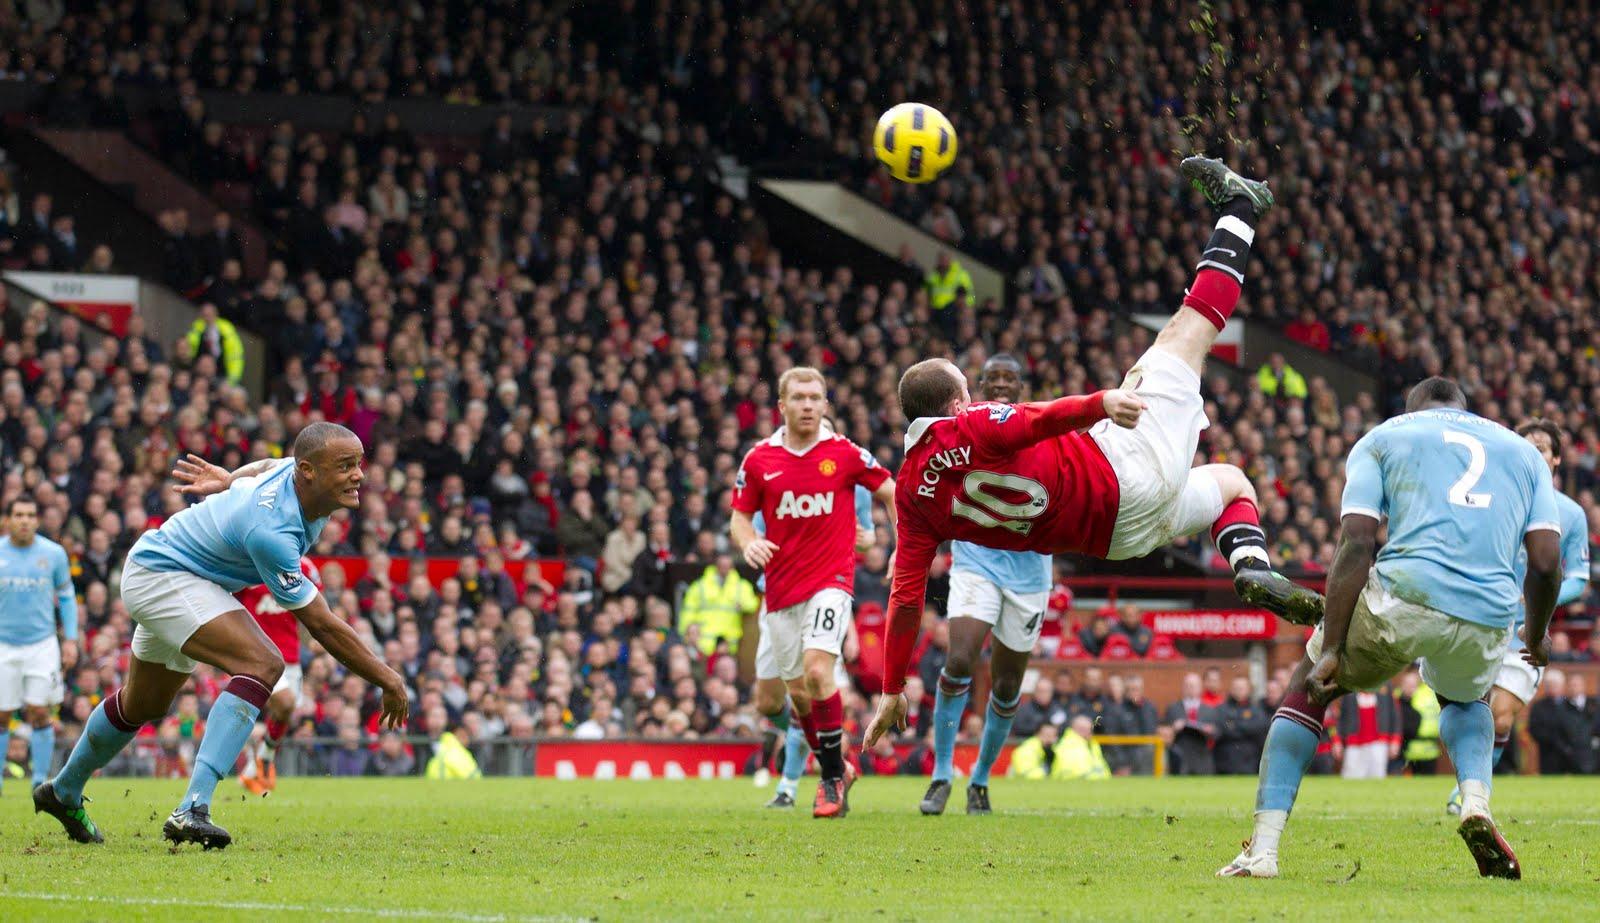 Dagens Speltips Manchester United - Manchester City